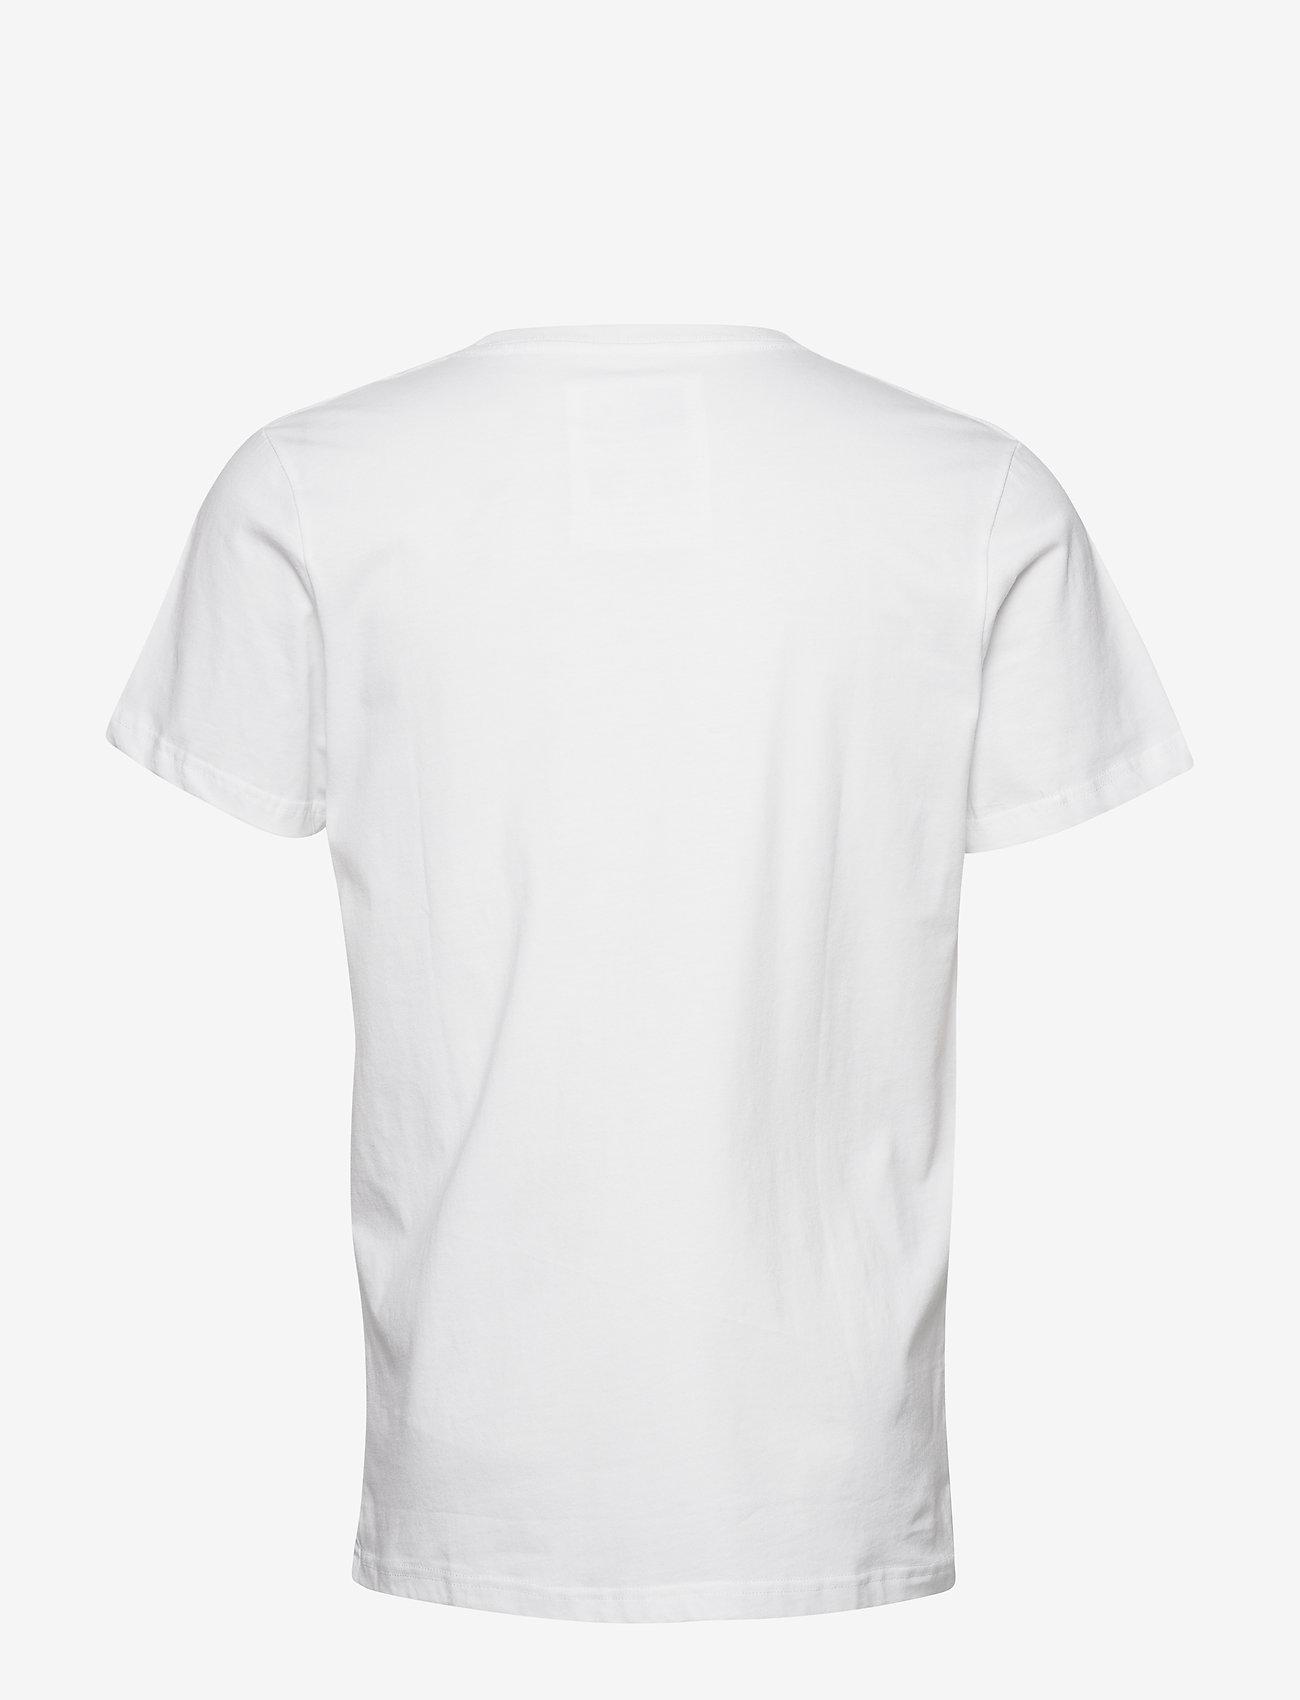 DEDICATED T-shirt Stockholm Lopez - T-skjorter WHITE - Menn Klær